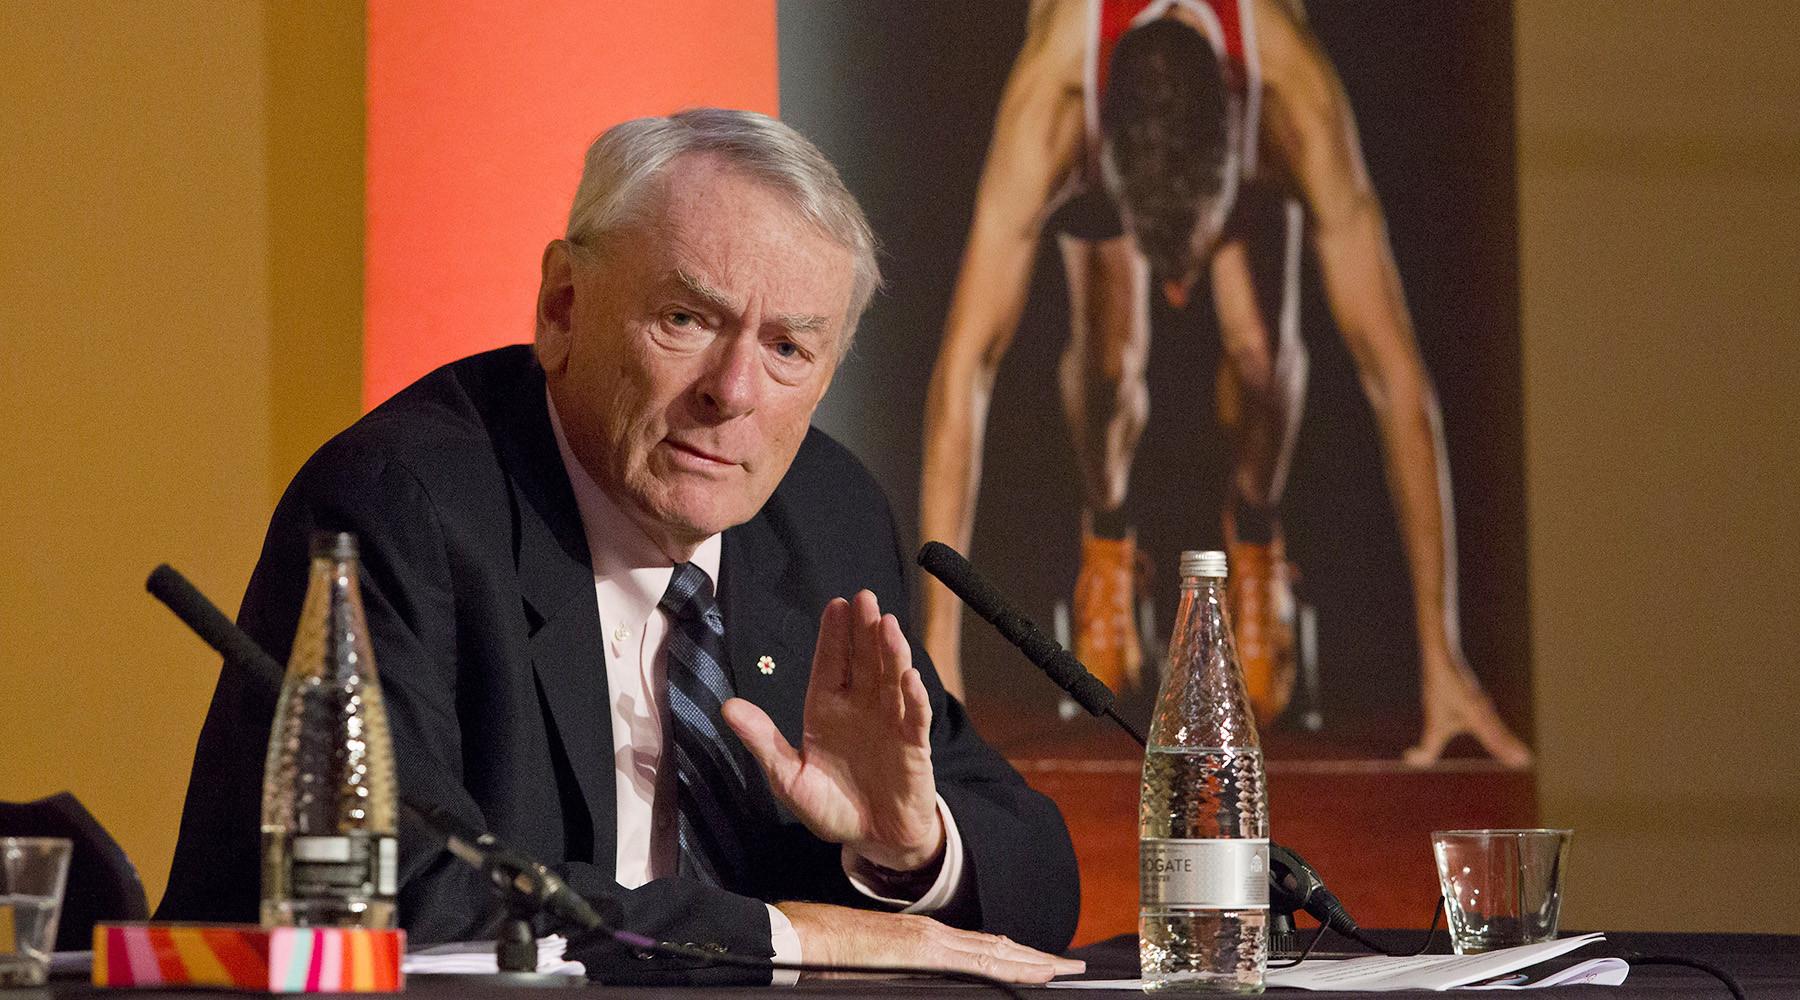 «Речь не идёт о преследовании»: экс-глава WADA об отстранении российских спортсменов